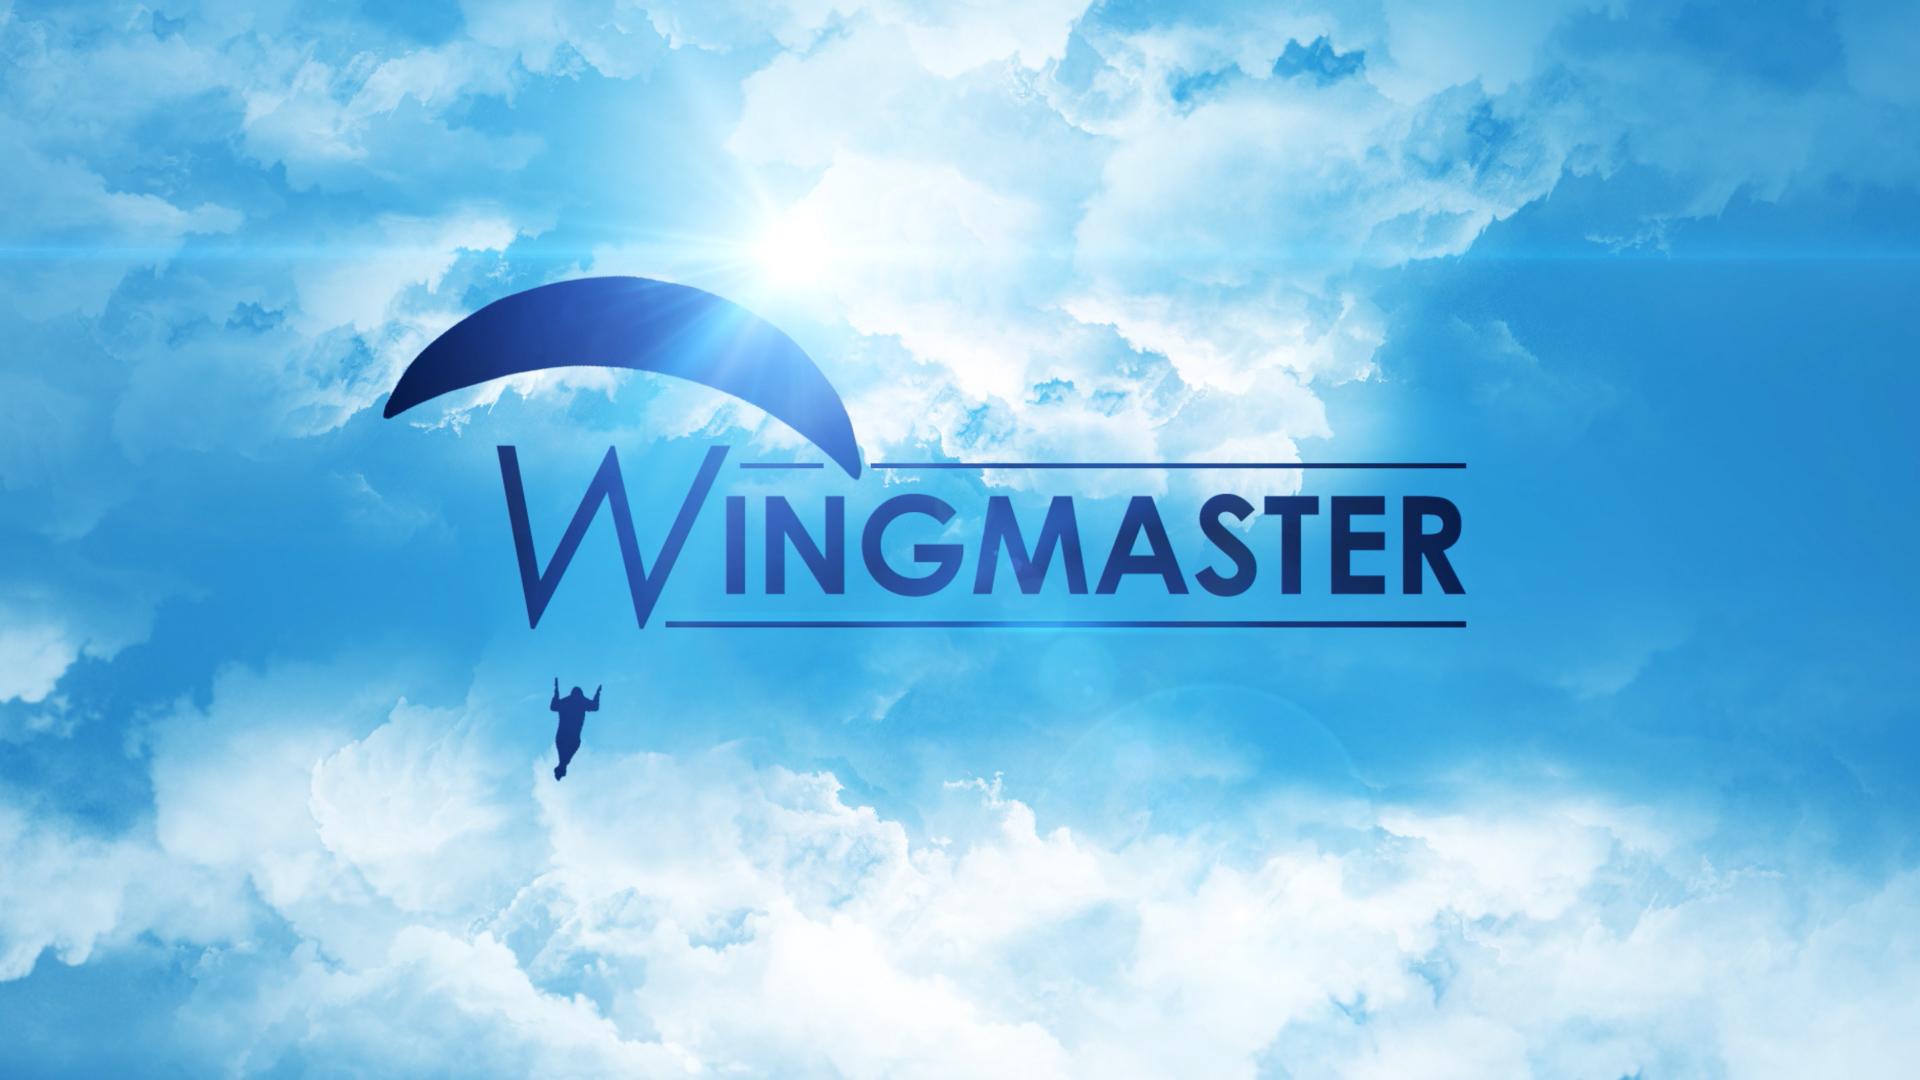 Wingmaster la première Masterclass parapente online en vidéo. 21 épisodes. 11 heures de vidéo. Les techniques parapente  d'un pro. Complément à la formation du parapentiste. Pour les pilotes de tous niveaux. Jérome Canaud  fait découvrir ses meilleures techniques de pilotage, les plus récentes, les plus sures. Une masterclass unique au monde. Le must du tuto formation parapente 100% digital.